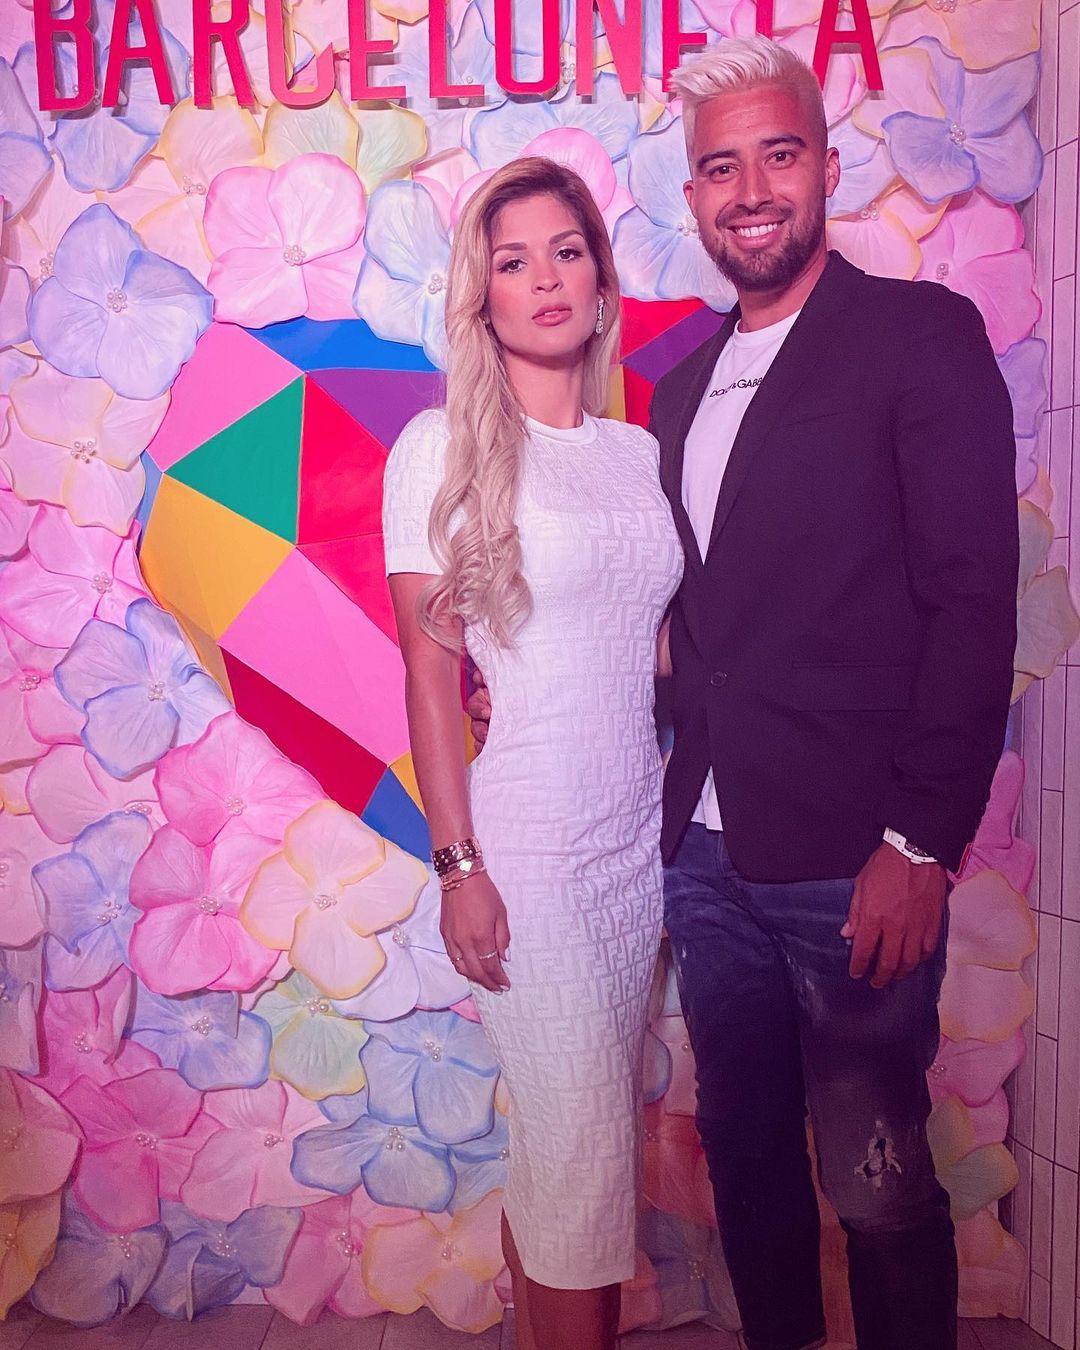 Кристиан Нобоа развелся с русской женой и встречается с девушкой из Эквадора. Знакомьтесь, Кевиам Касо!